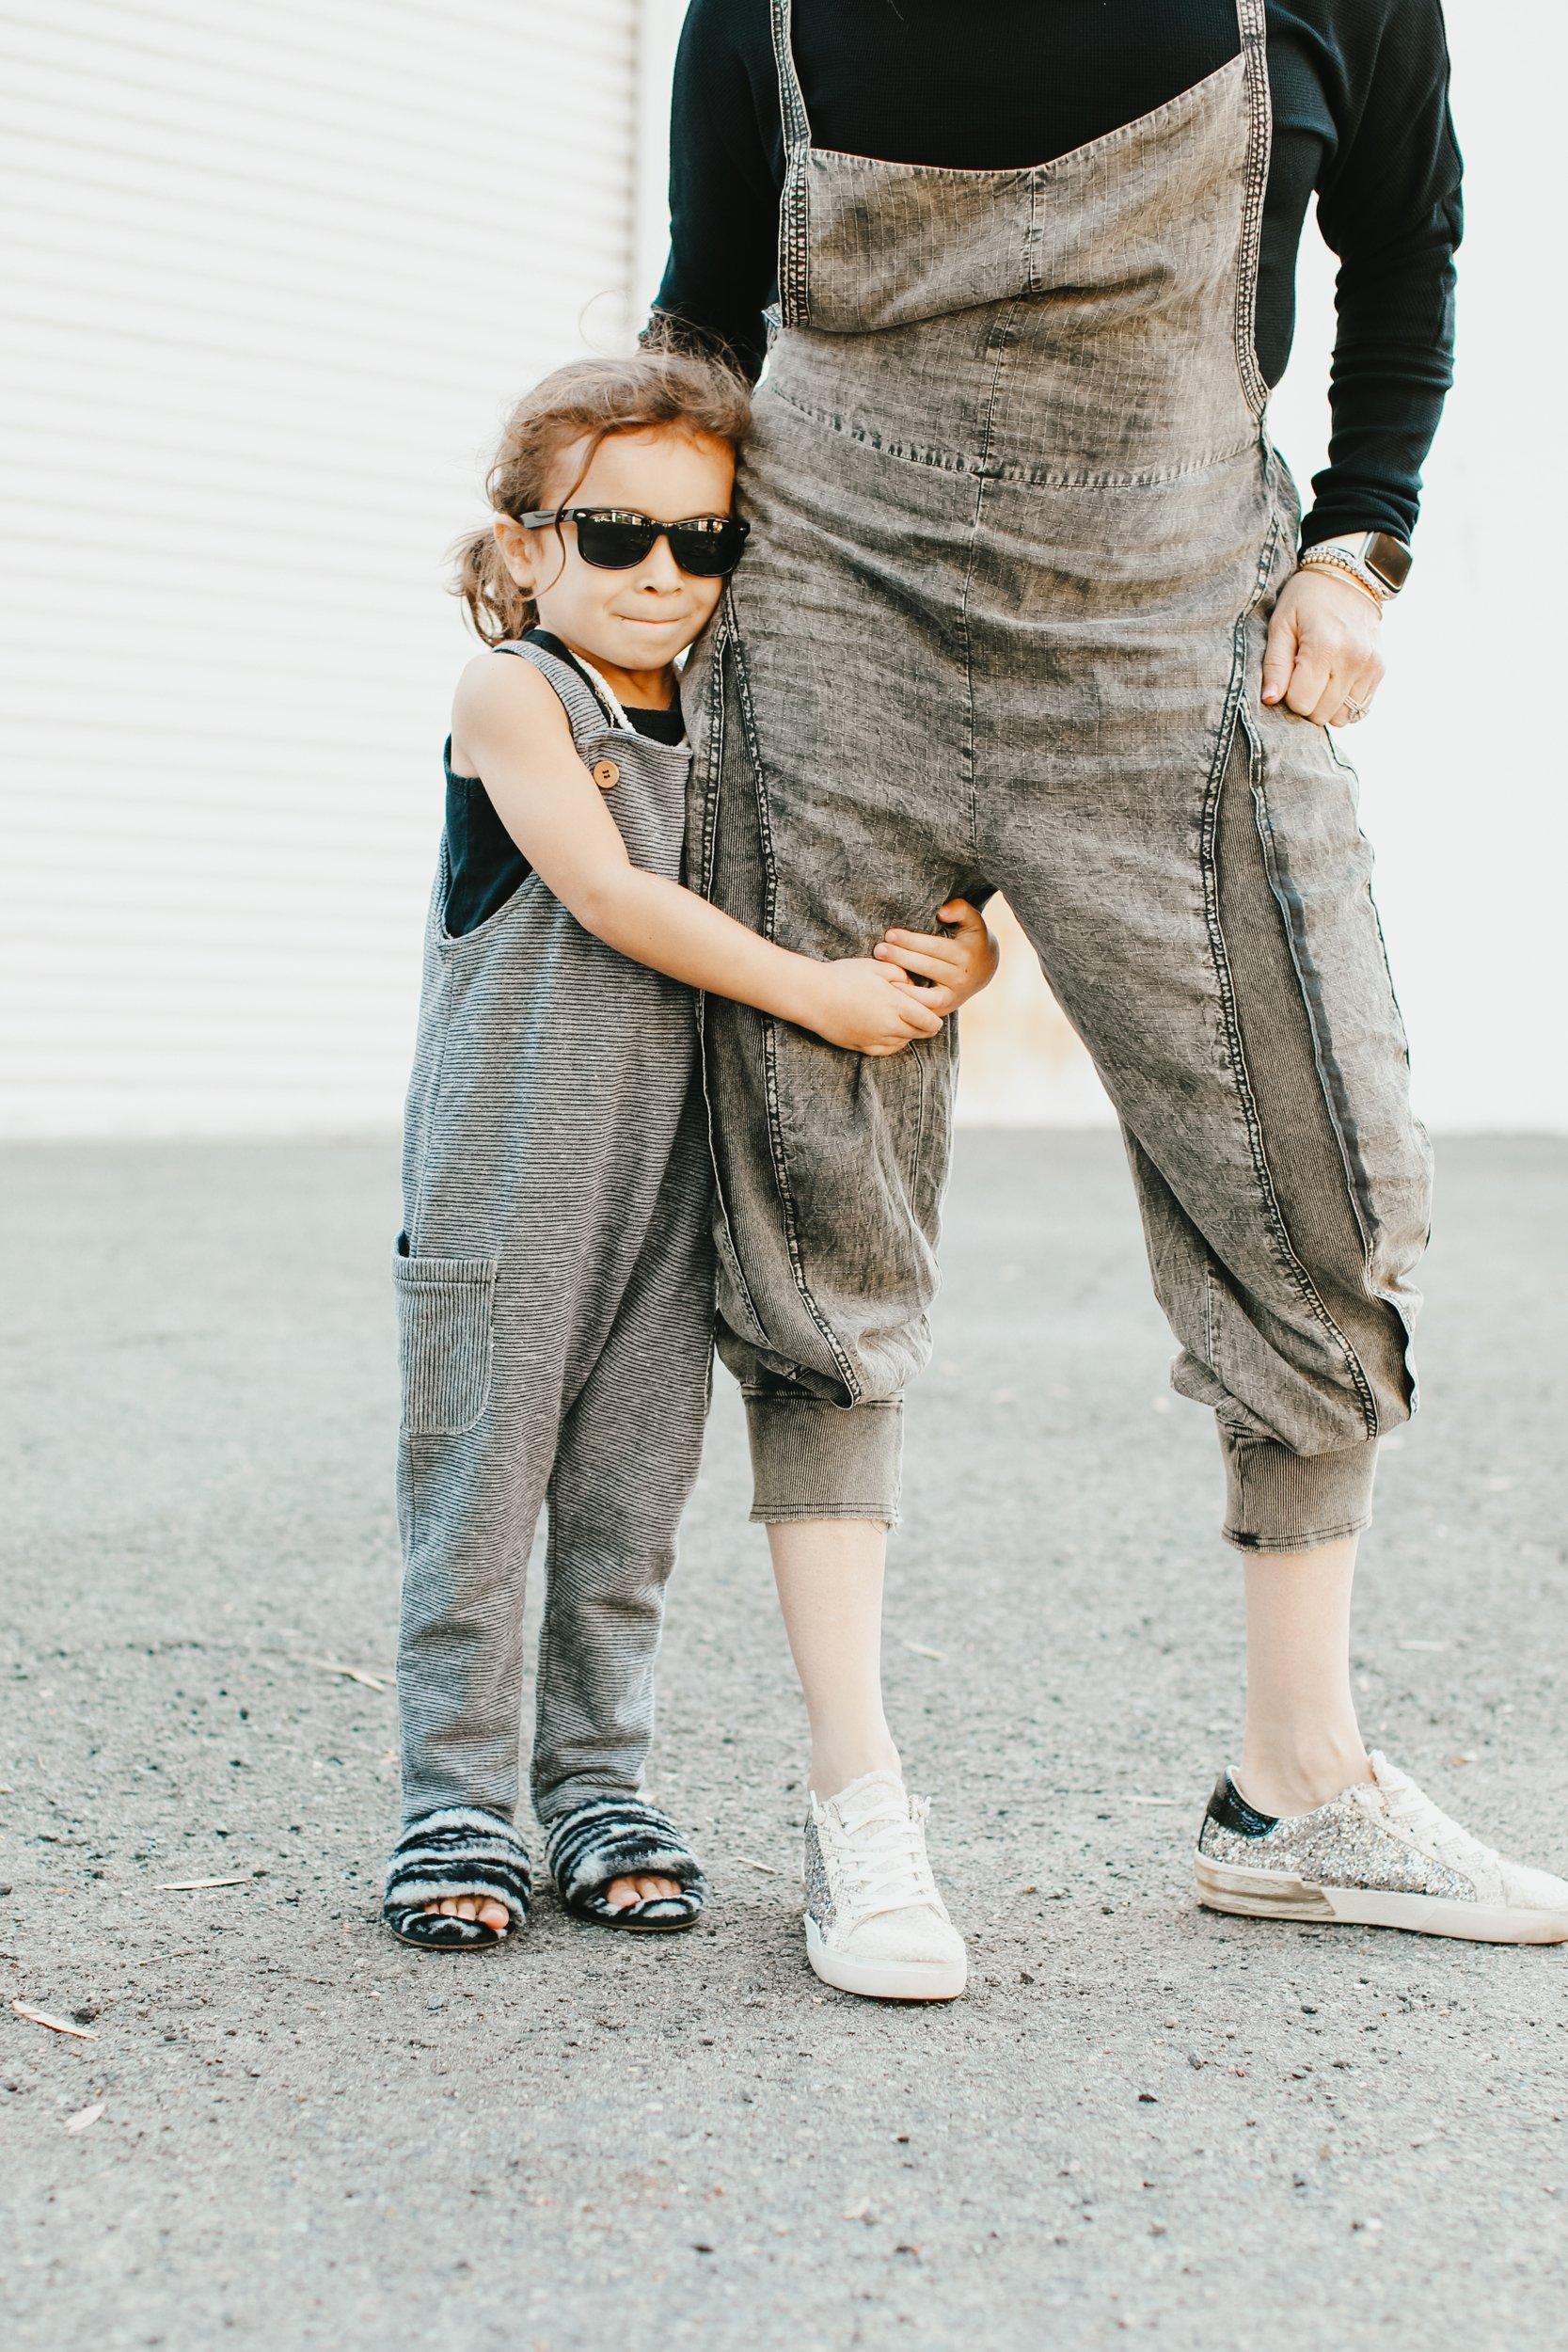 toddler holding onto mom's leg